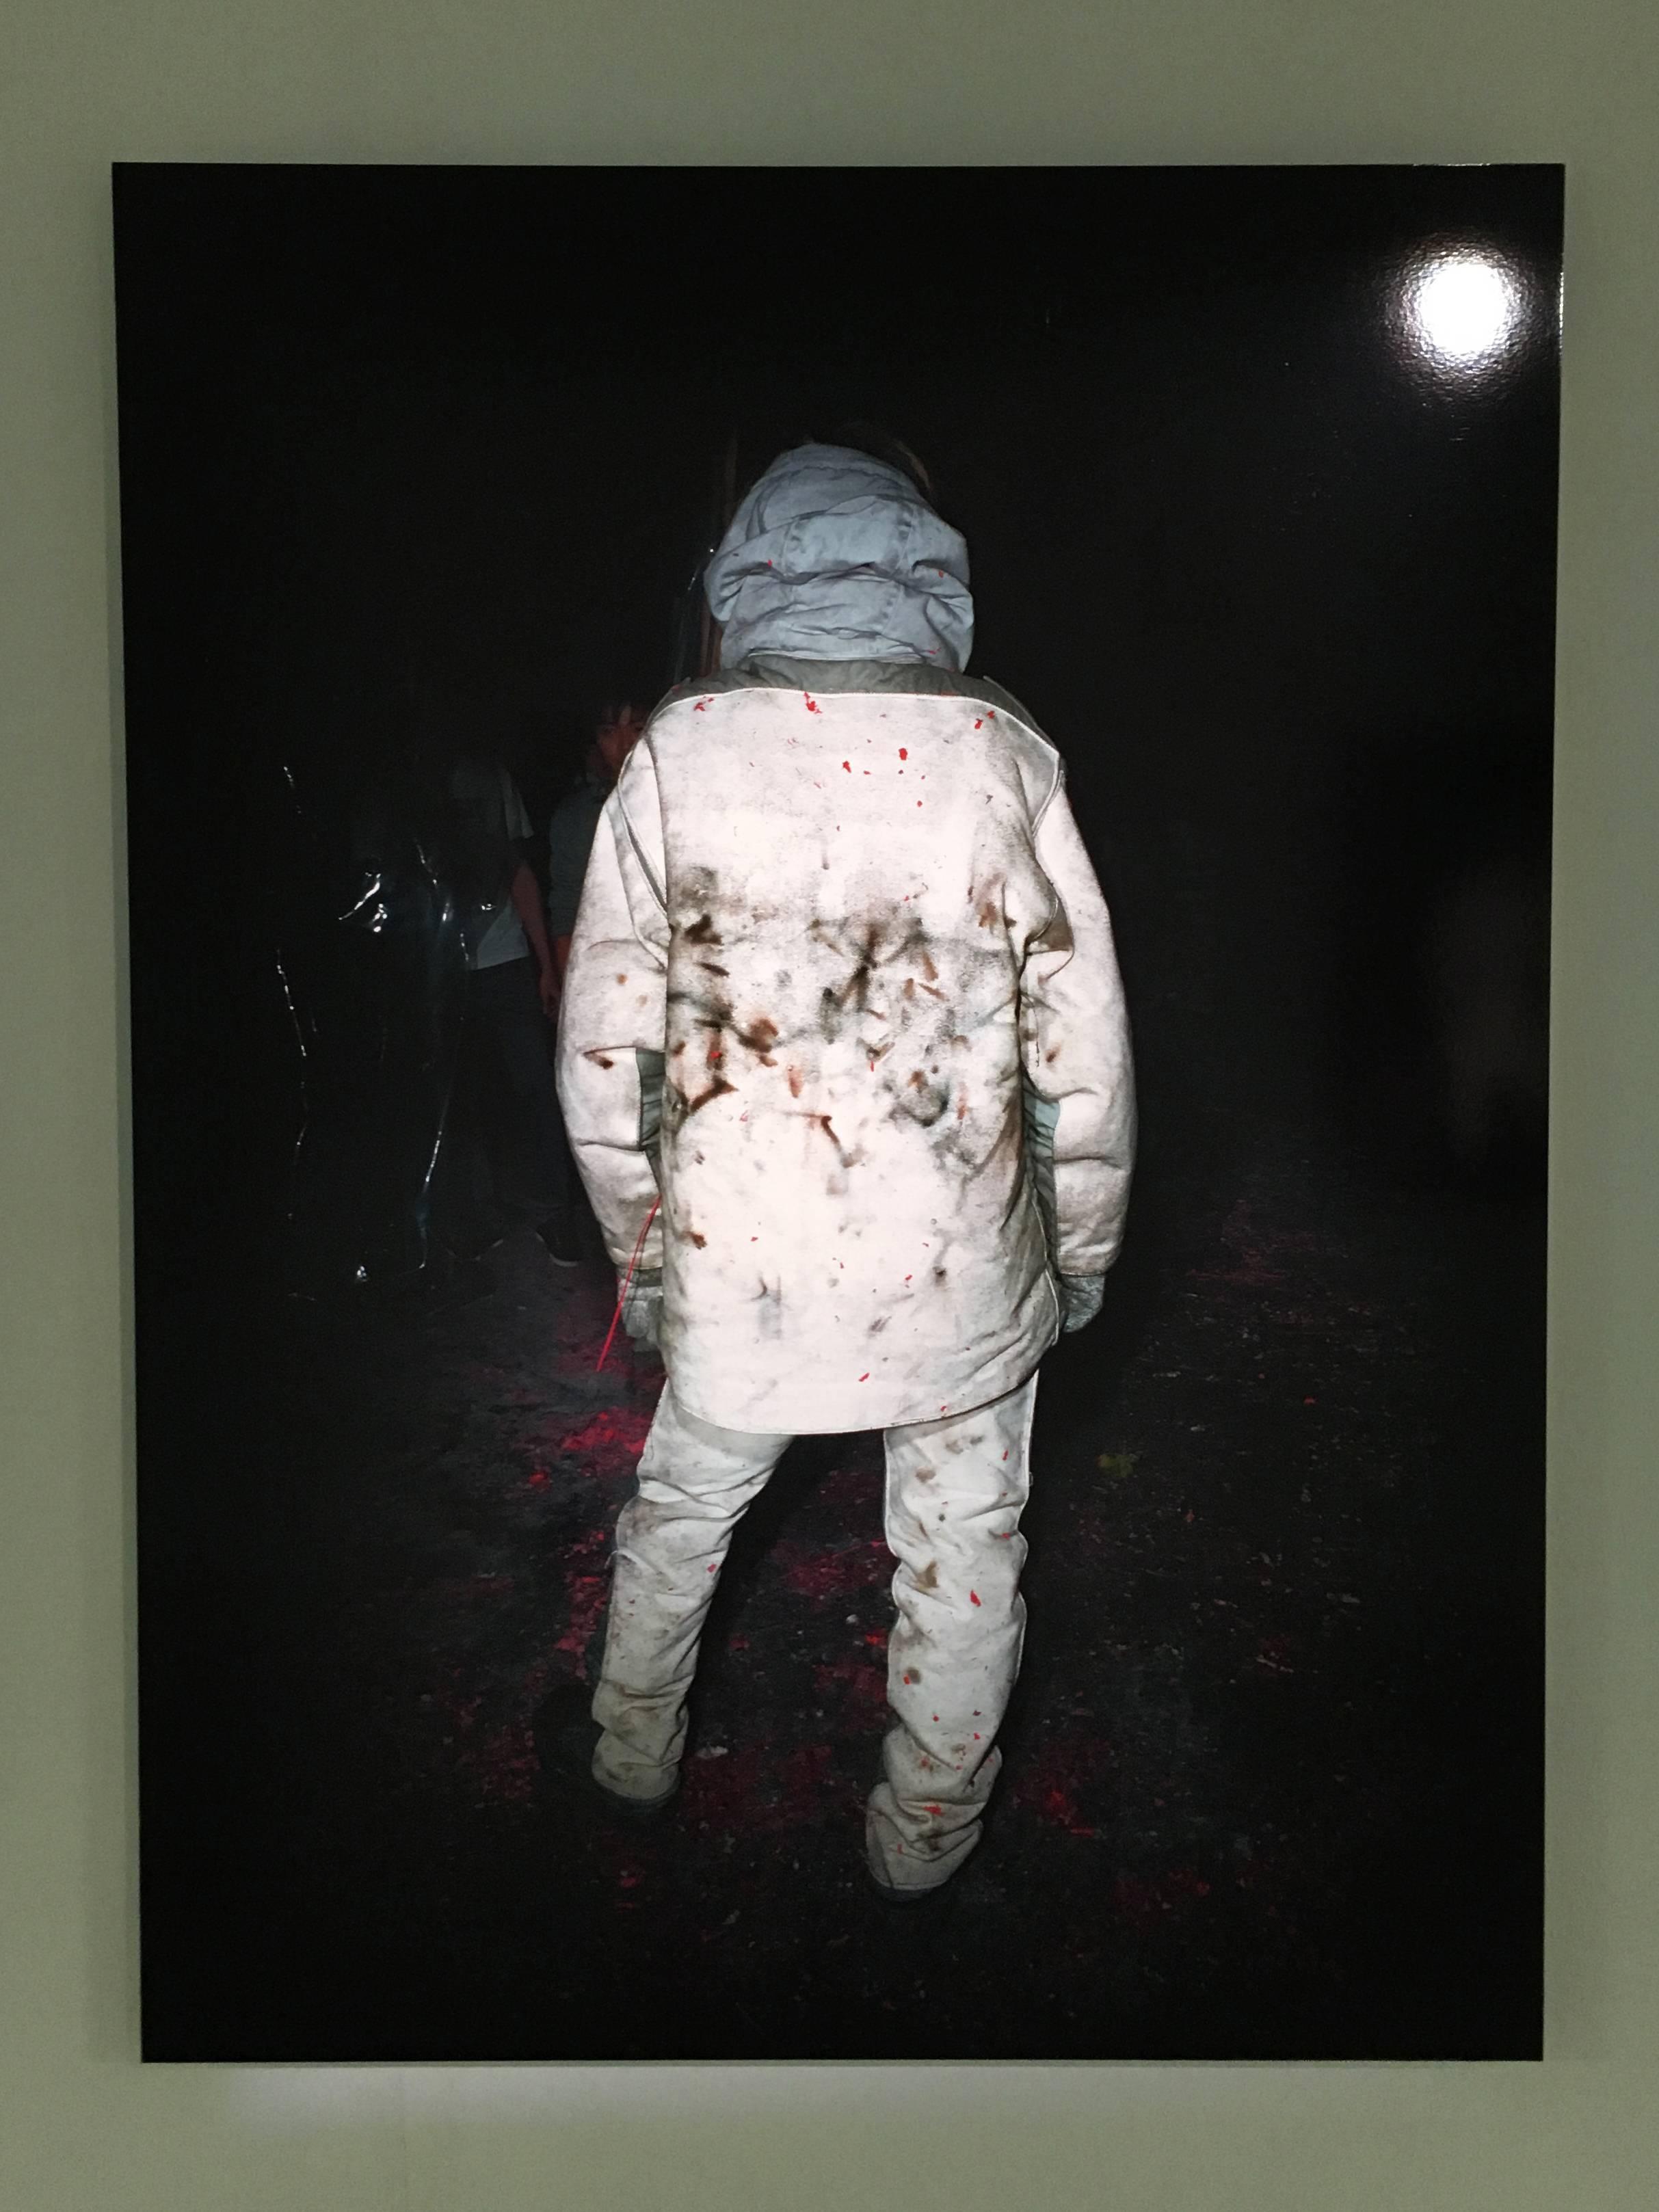 陳伯義,《食砲人 - IV》,75 x 100 cm,雷射輸出彩色銀鹽相紙,1/8,2012。